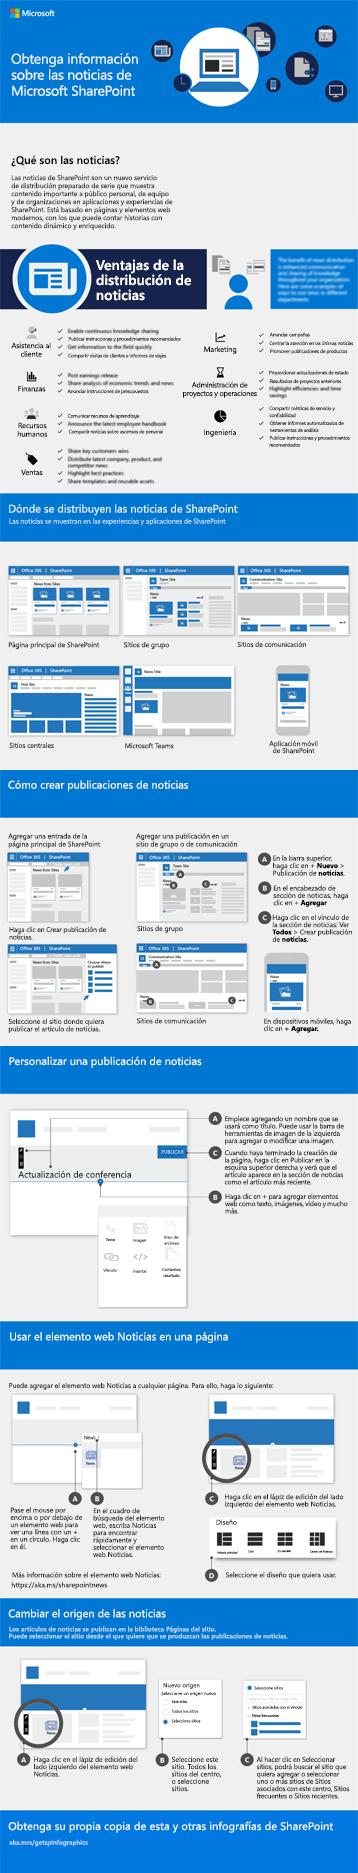 Infografía de Noticias de SharePoint